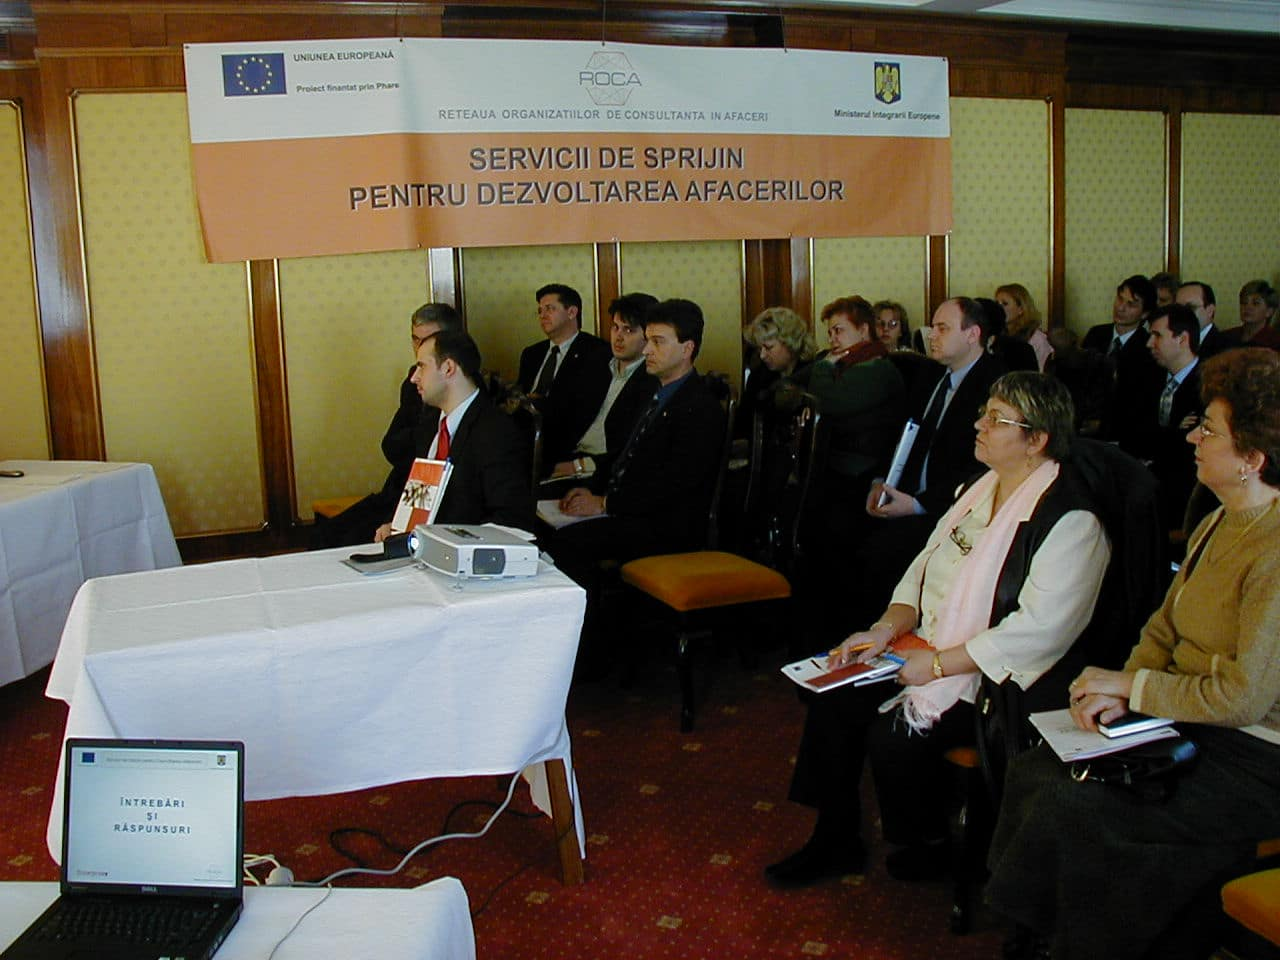 """Conferinţa de lansare a proiectului """"Servicii de sprijin pentru dezvoltarea afacerii"""""""